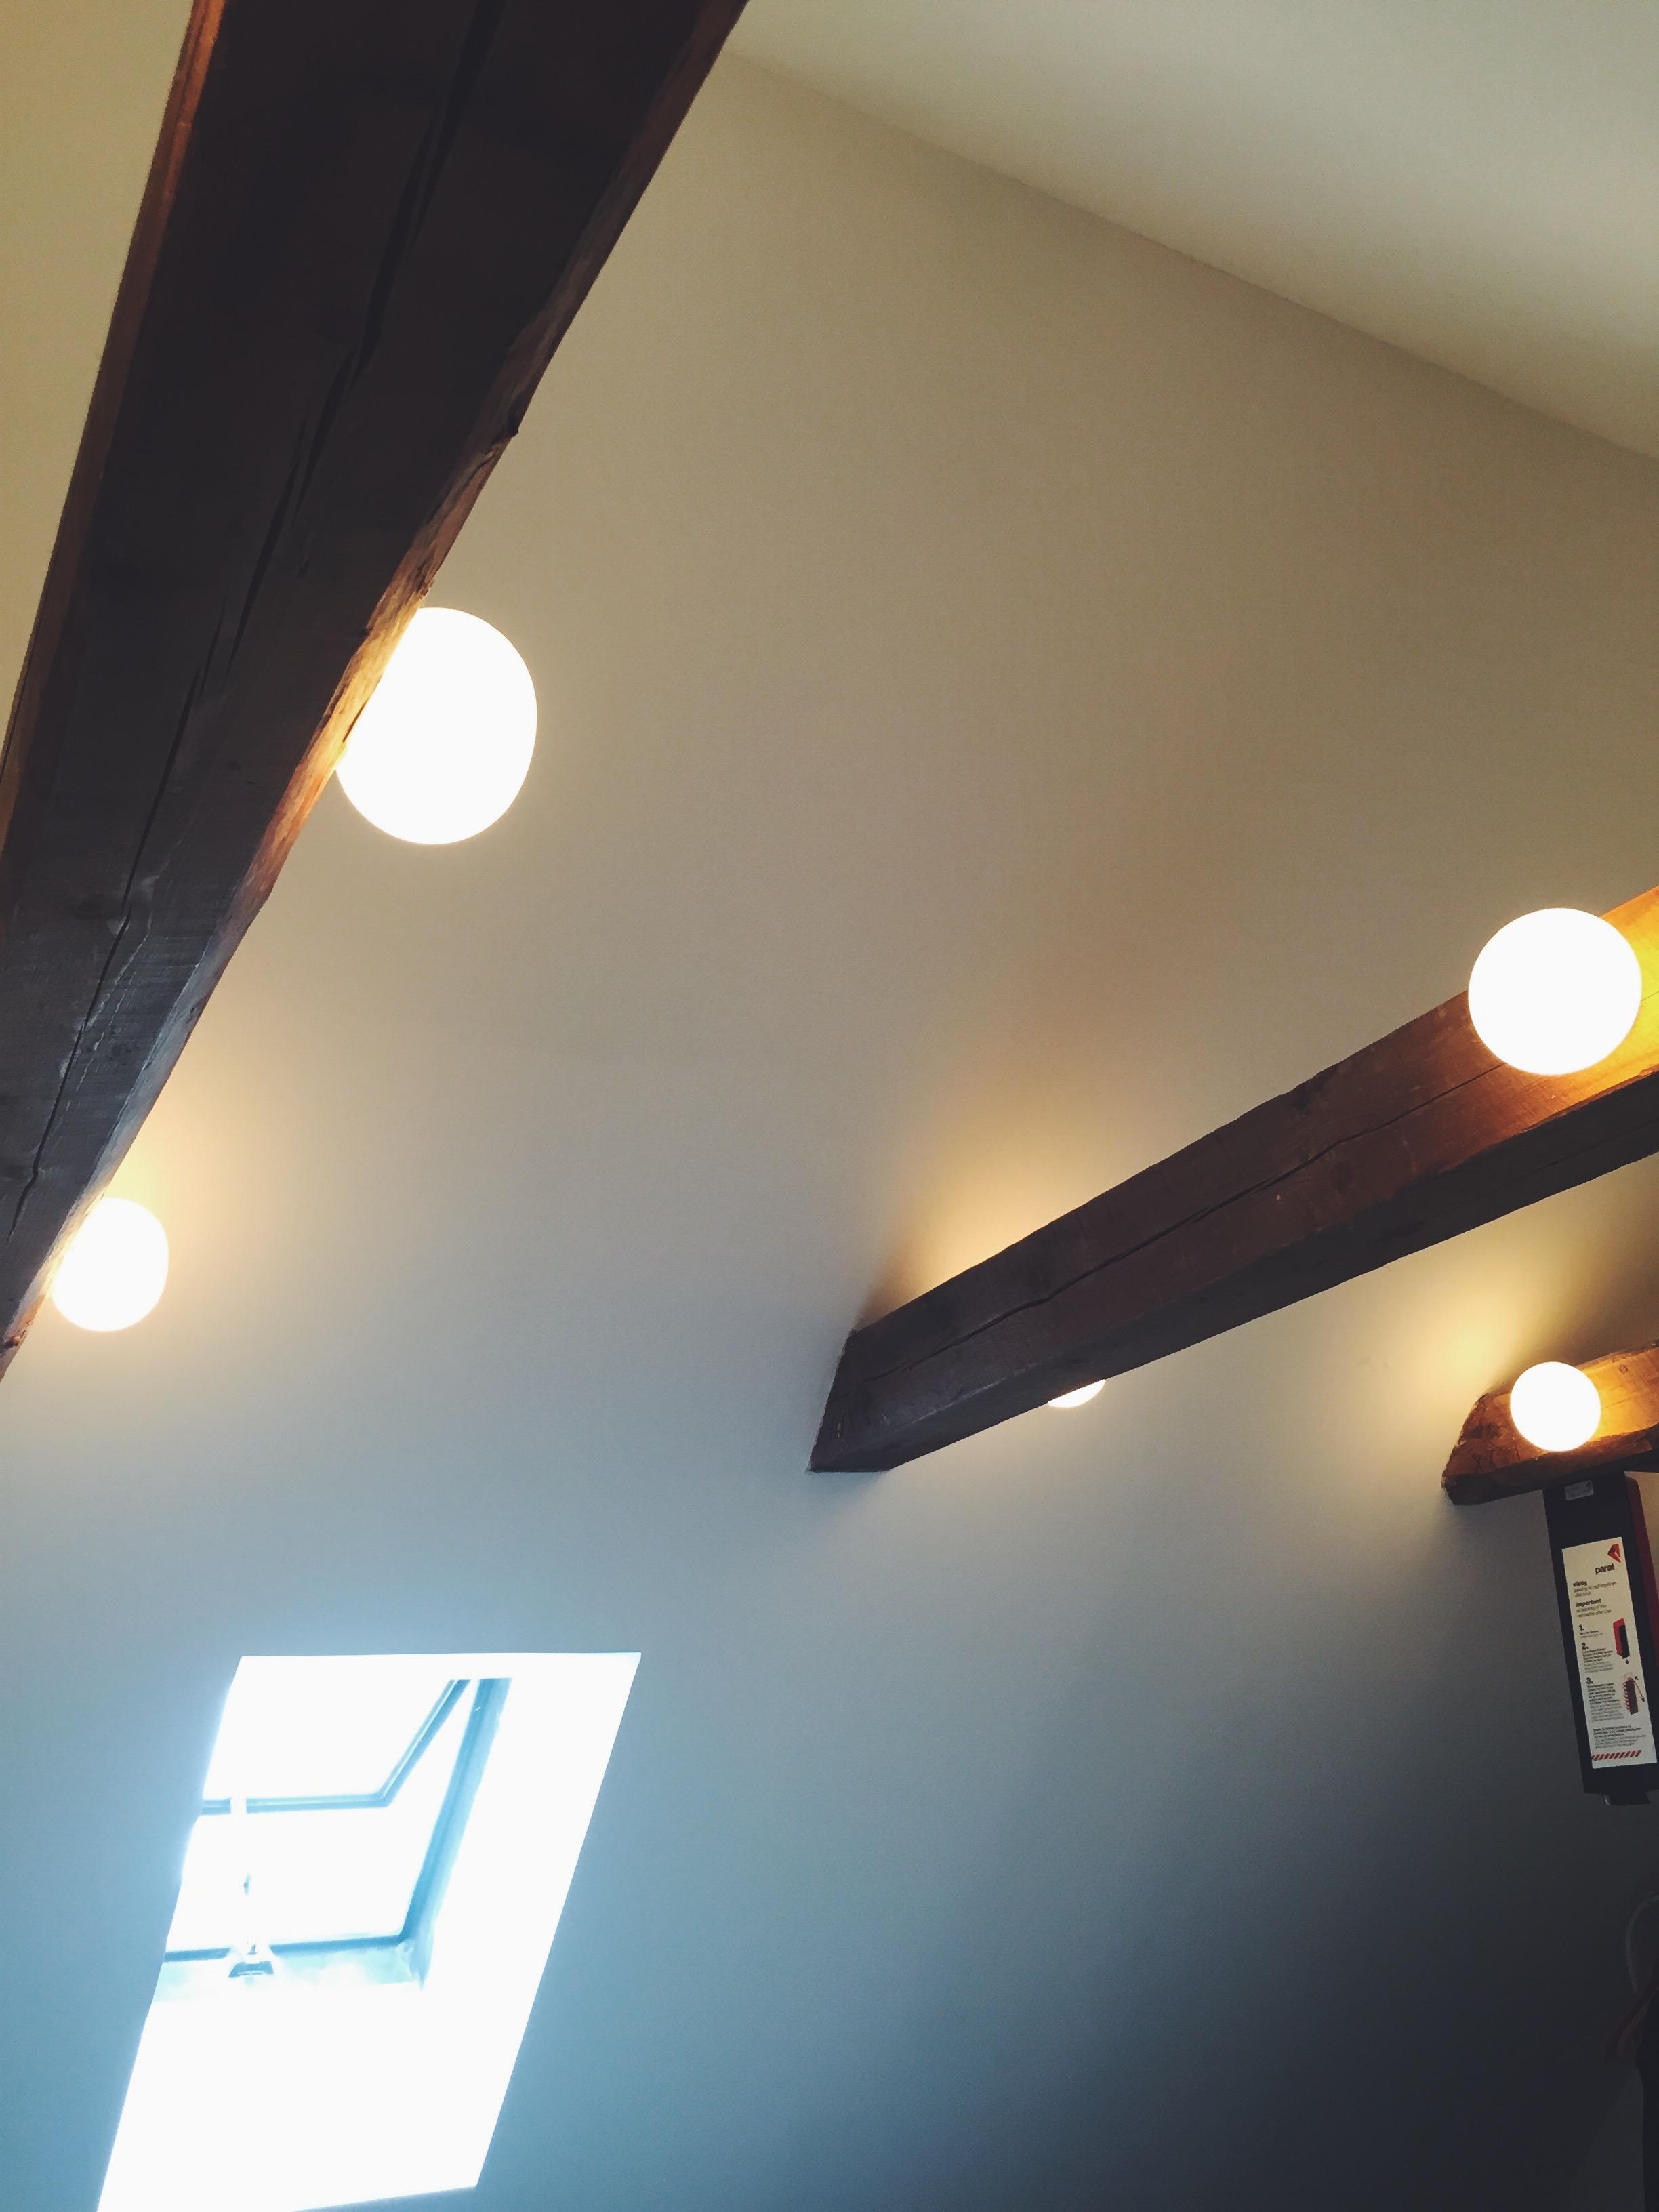 Vi har ni lamper i takbjelkene på soverommet. Når de dimmes på kvelden kan man nesten få følelsen av å ligge under åpen himmel.